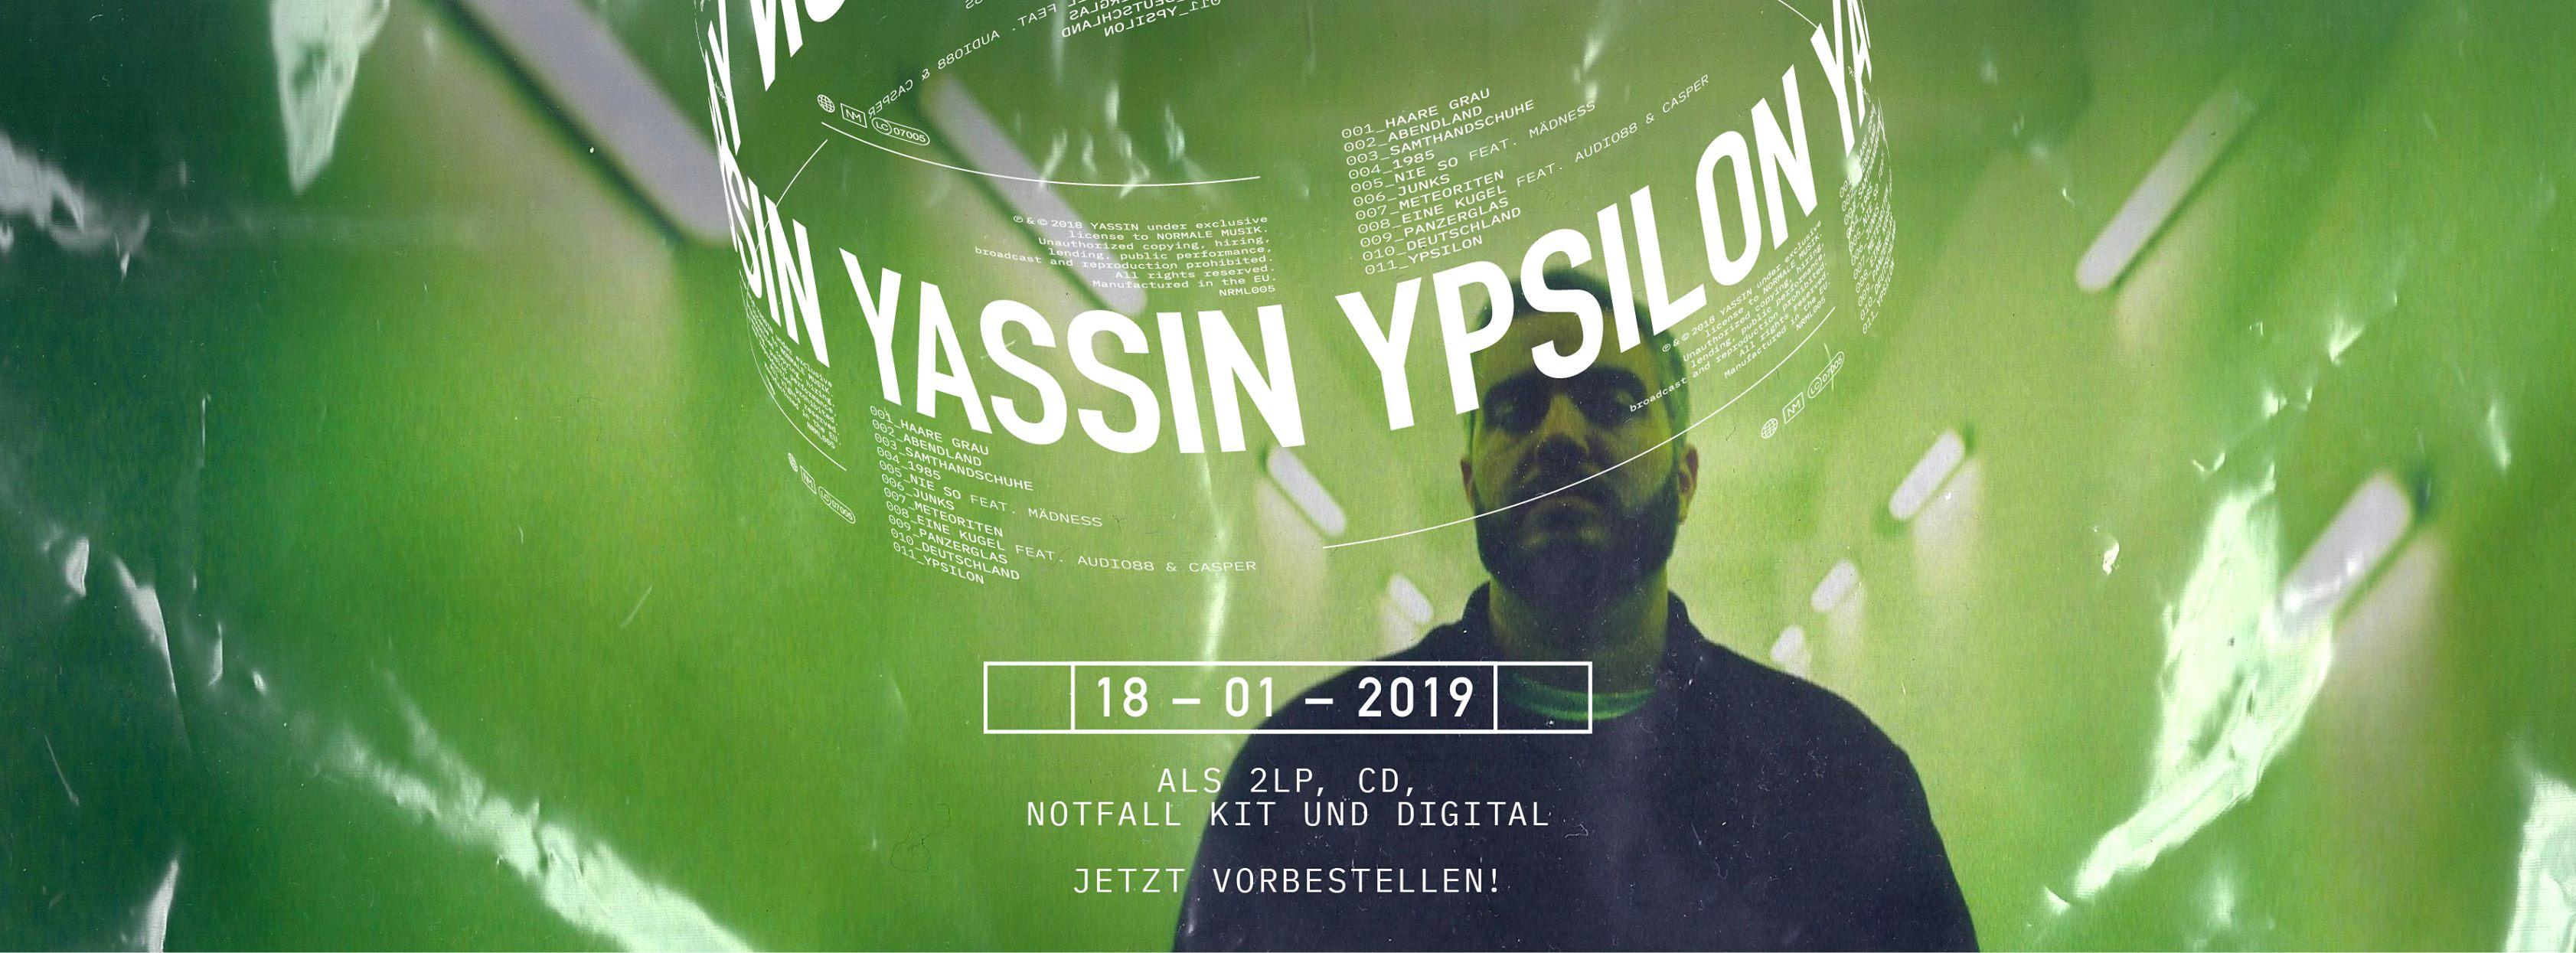 yassin ypsilon